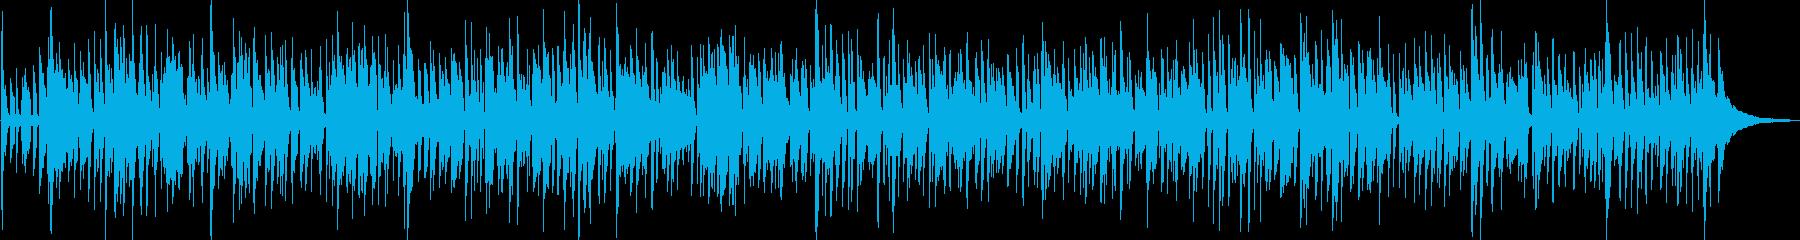 軽快なアコースティックギターのボサノバの再生済みの波形